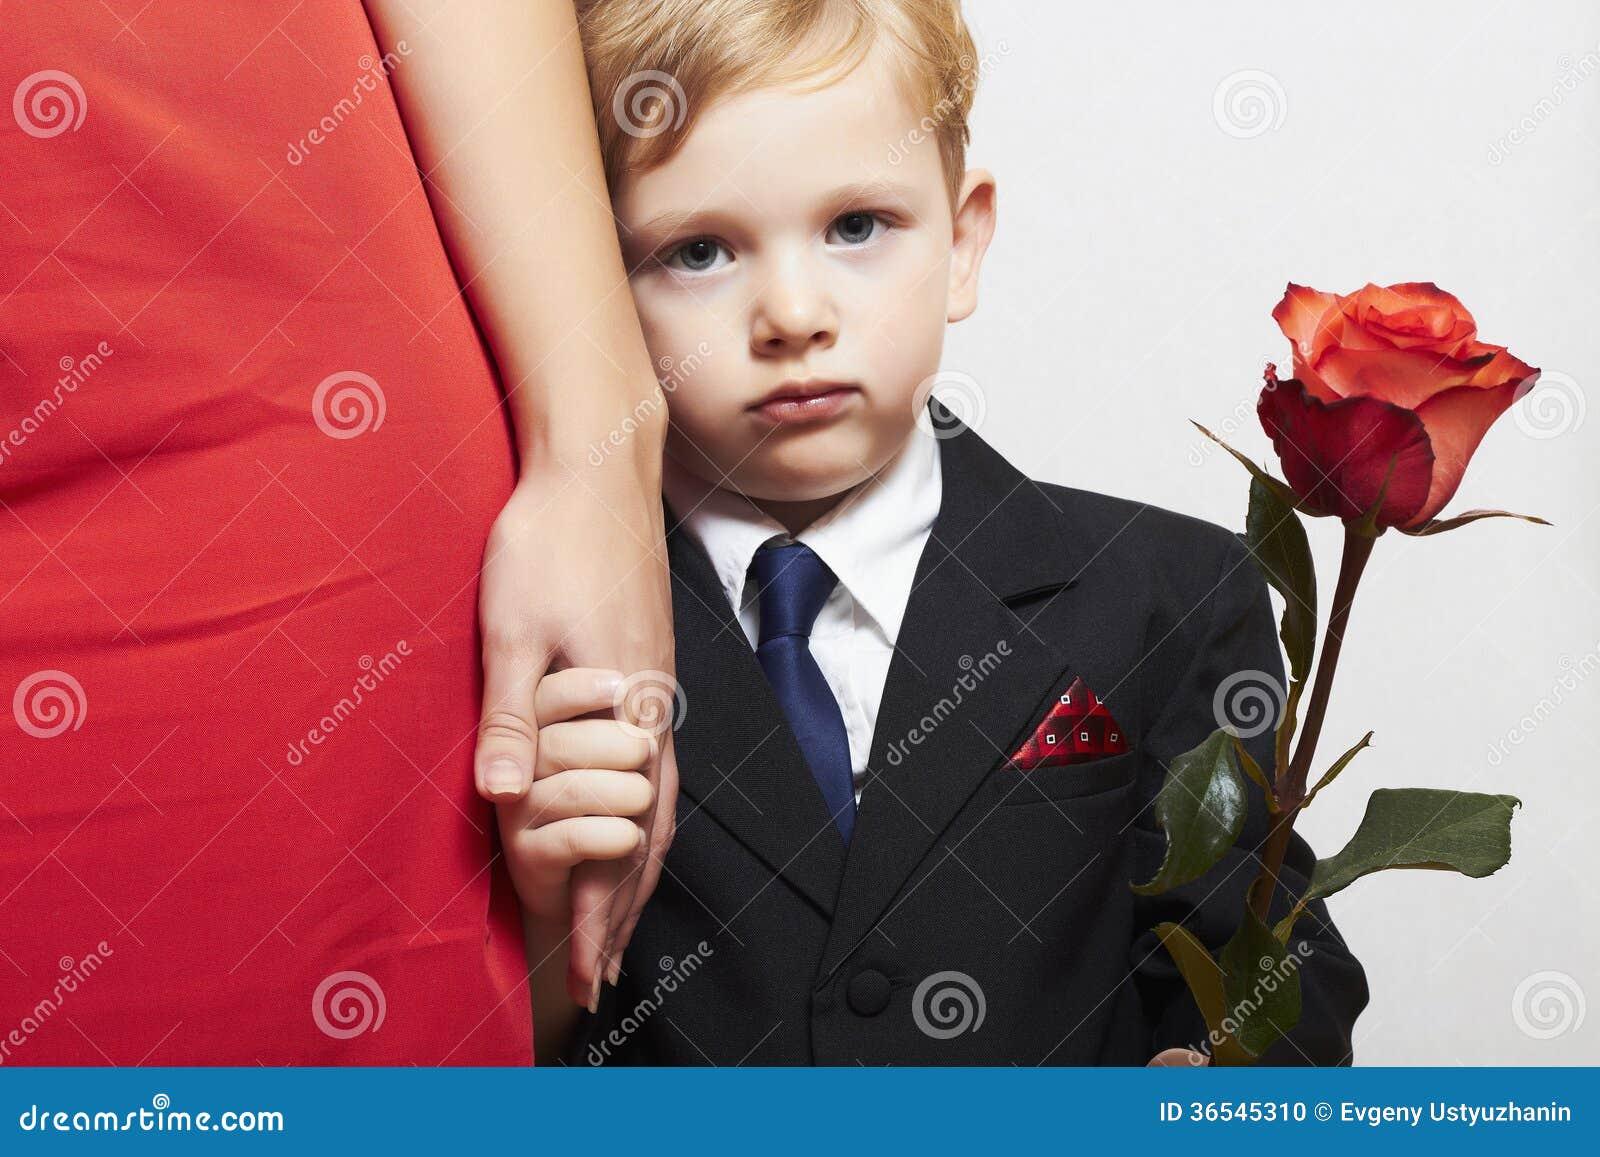 衣服的孩子与母亲。花。红色礼服。家庭。时兴的小男孩。红色玫瑰。采取手